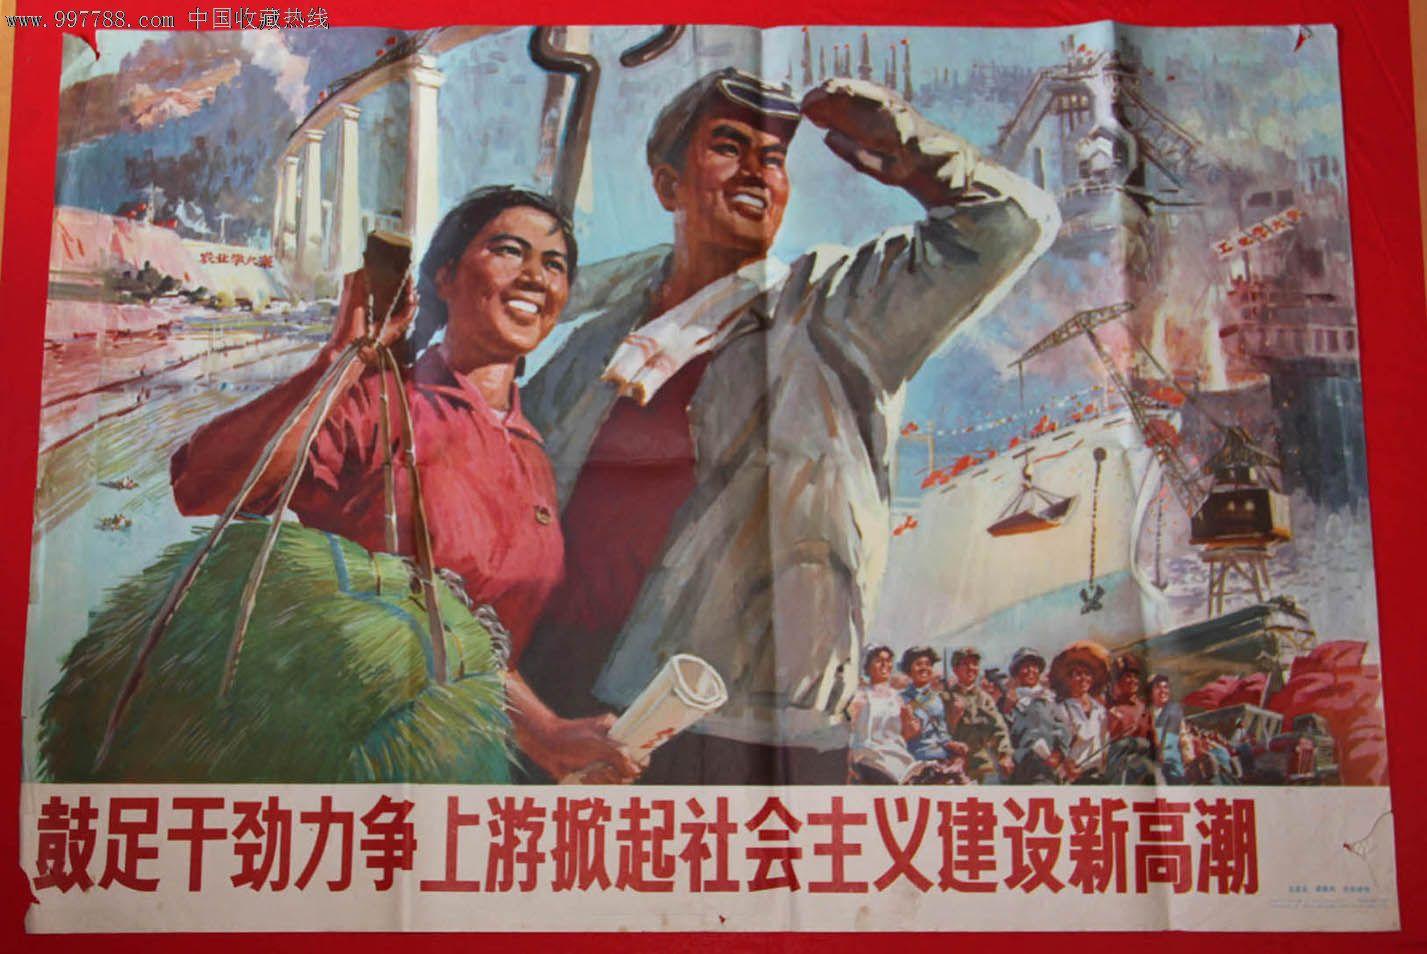 高潮流很多水粘稠图片_鼓足干劲力争上游掀起社会主义建设新高潮